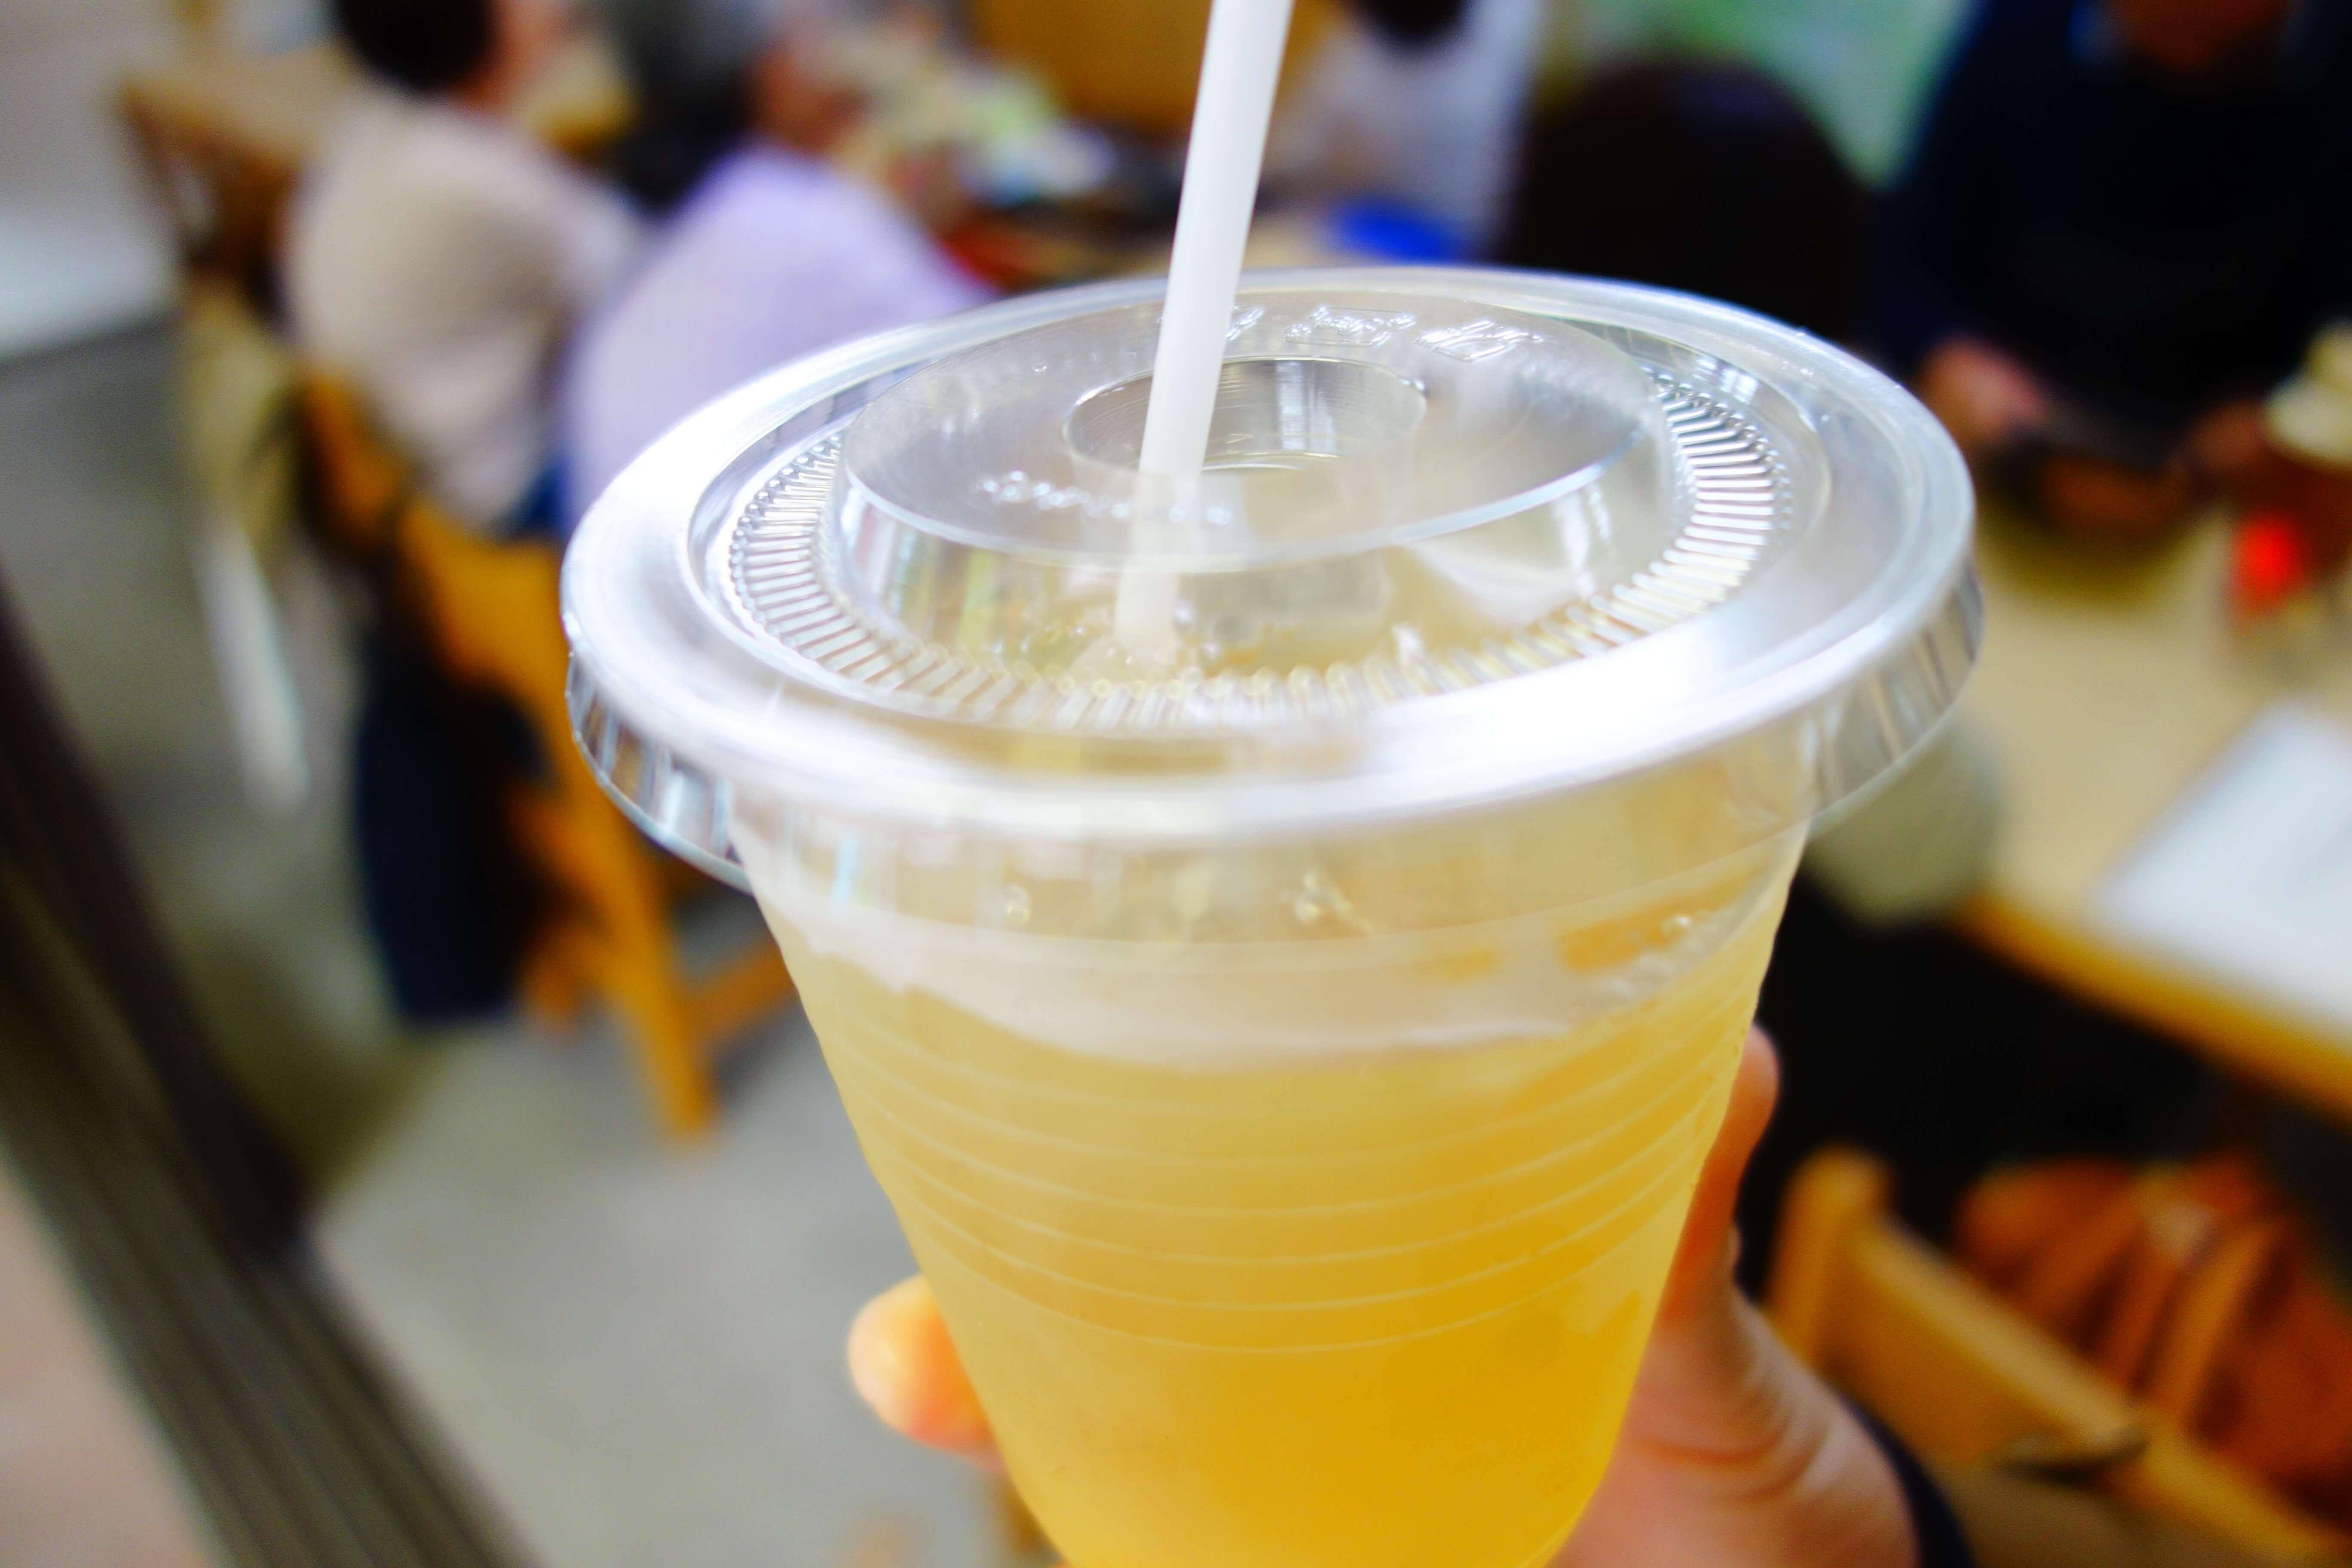 那谷食堂花山亭|小松市にある懐かしさあふれる「冷やしあめ」の魅力!